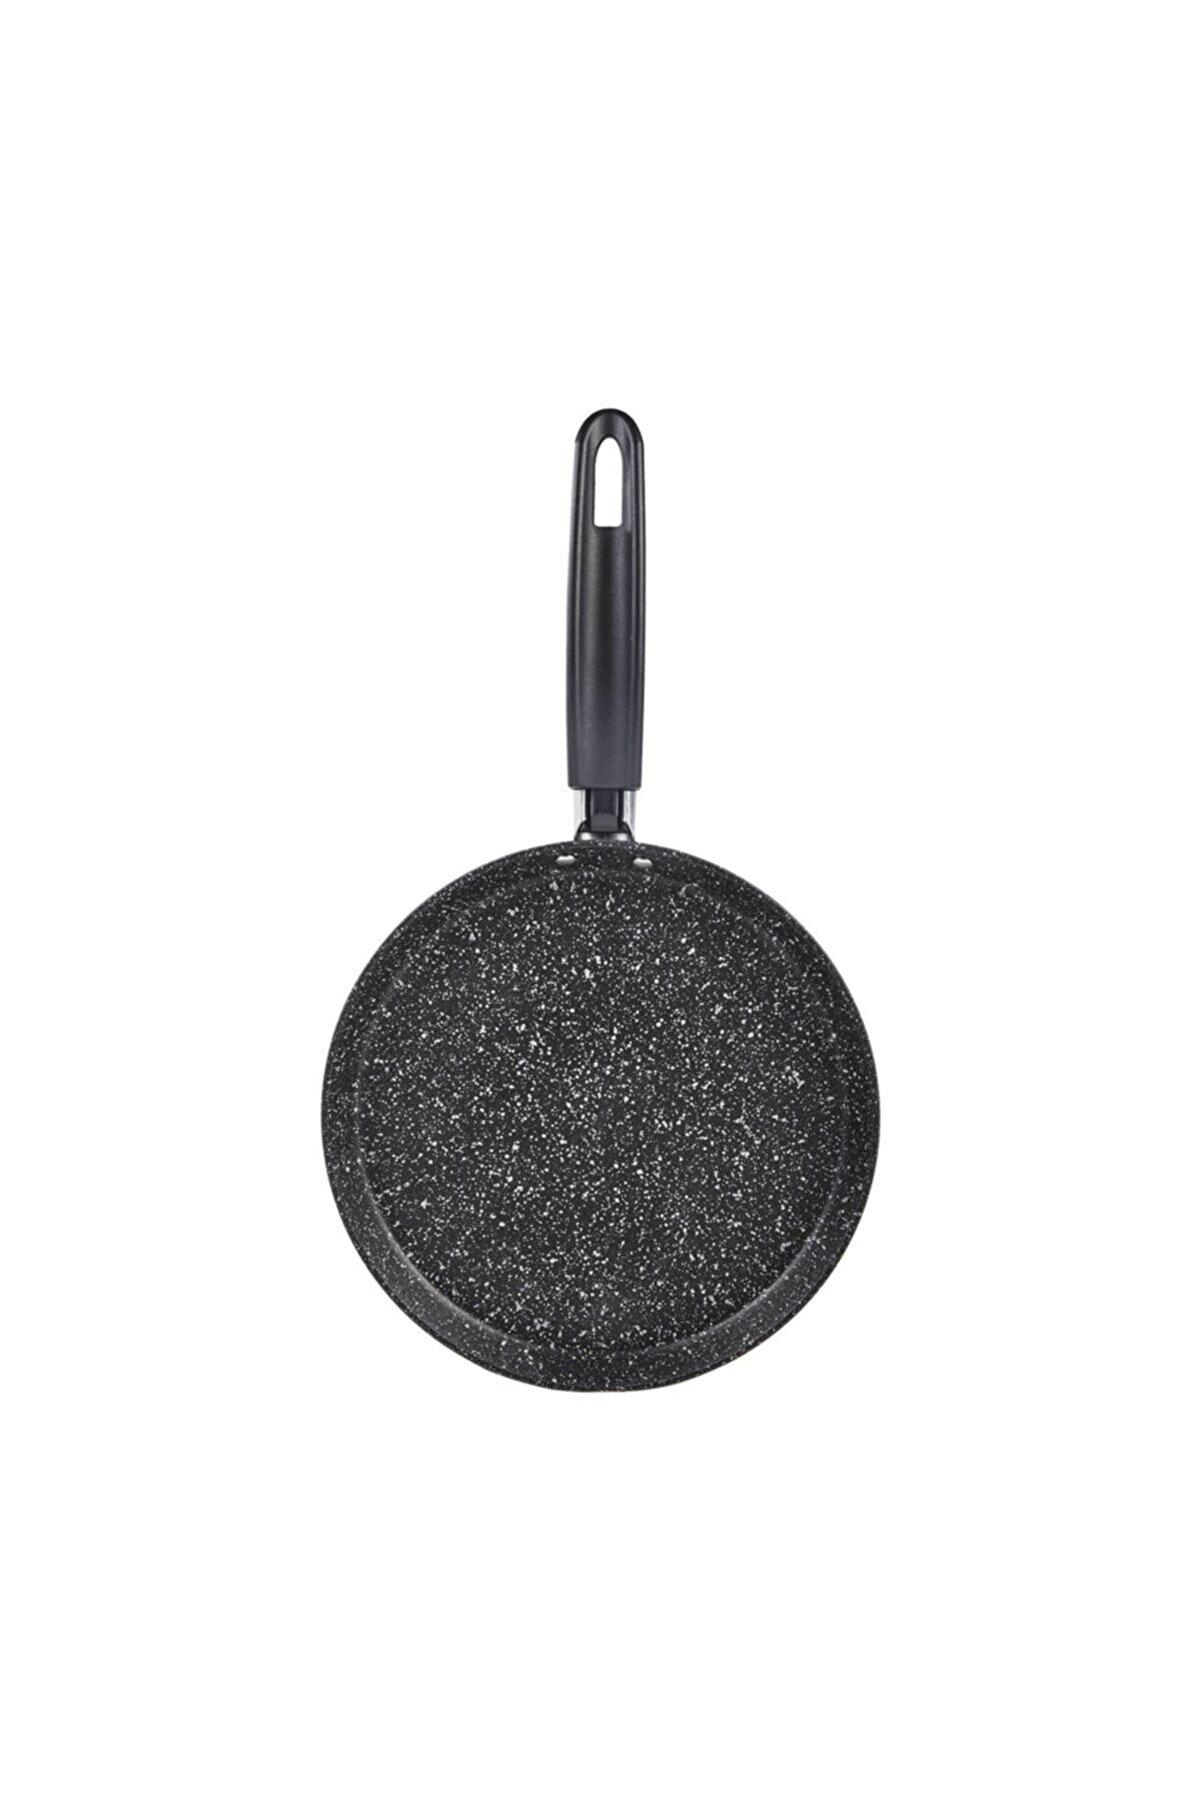 Karaca Viento Bio Granit 24 cm Krep Tava